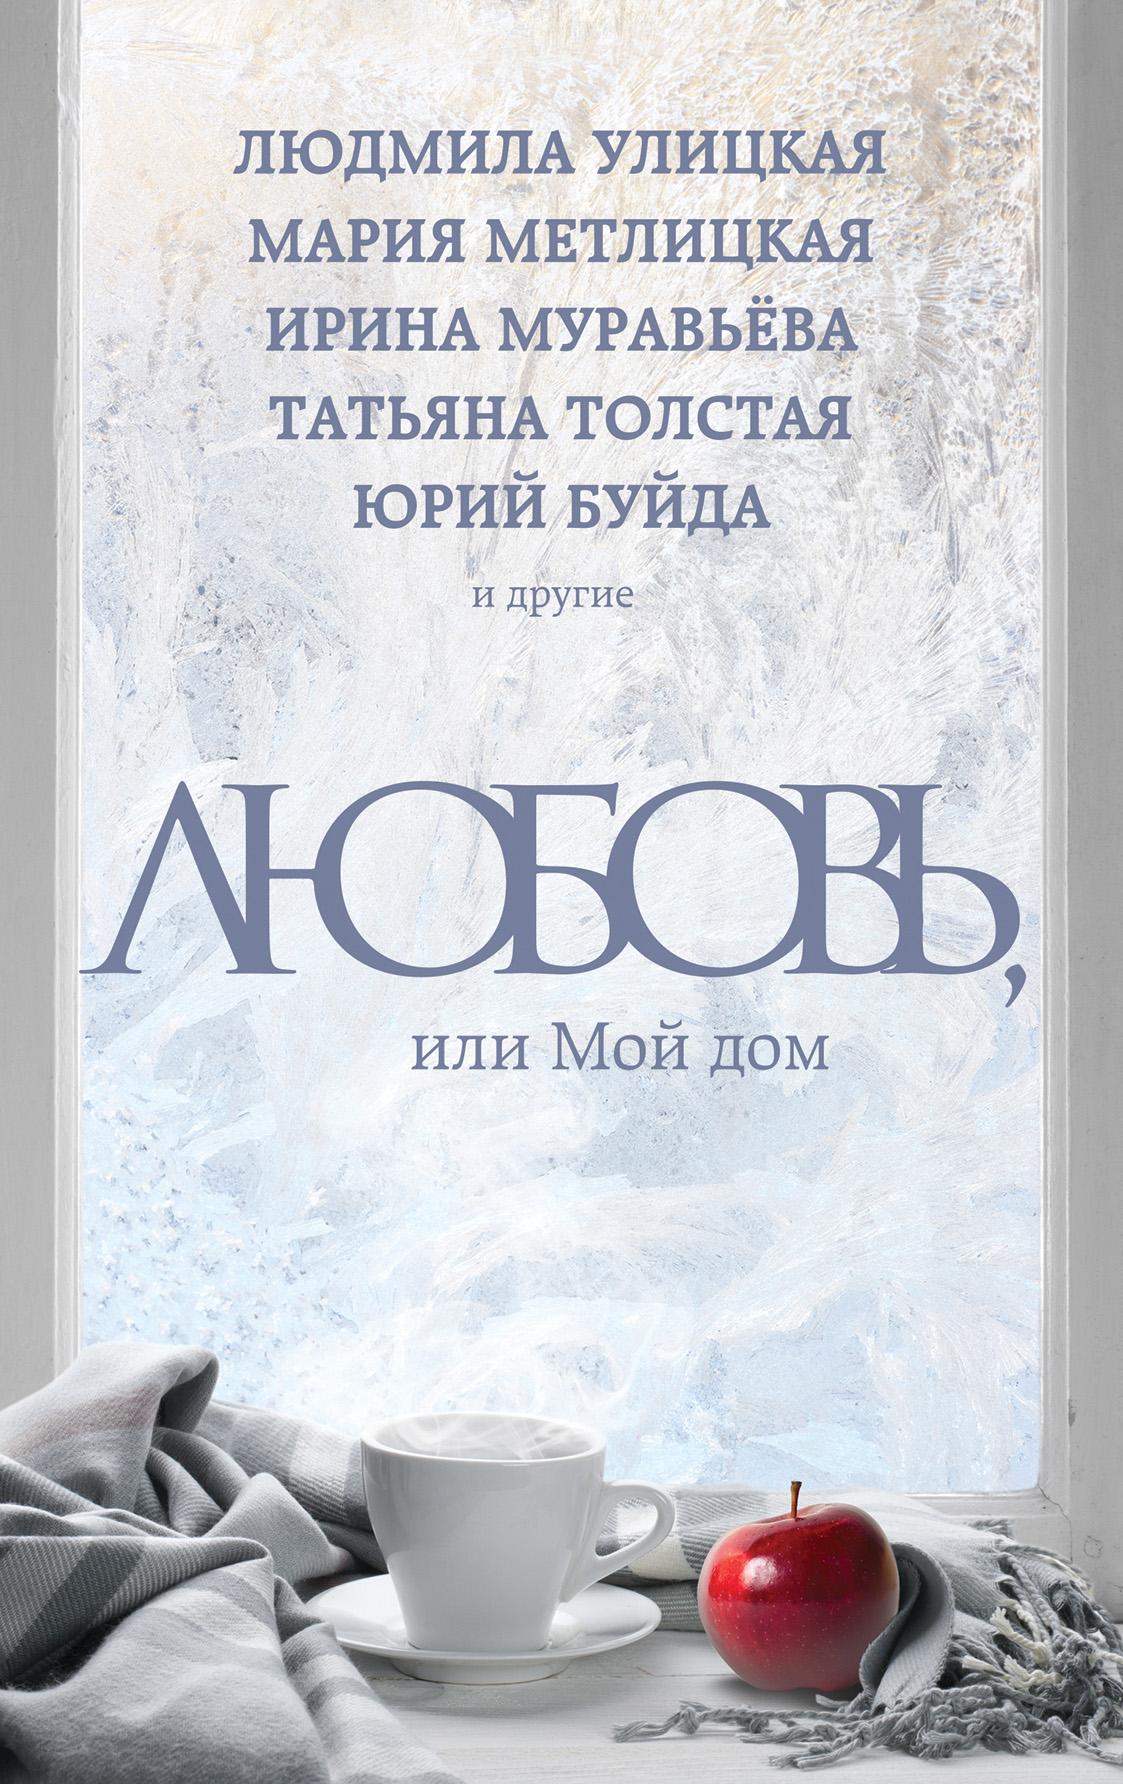 Мария Метлицкая Любовь, или Мой дом (сборник)